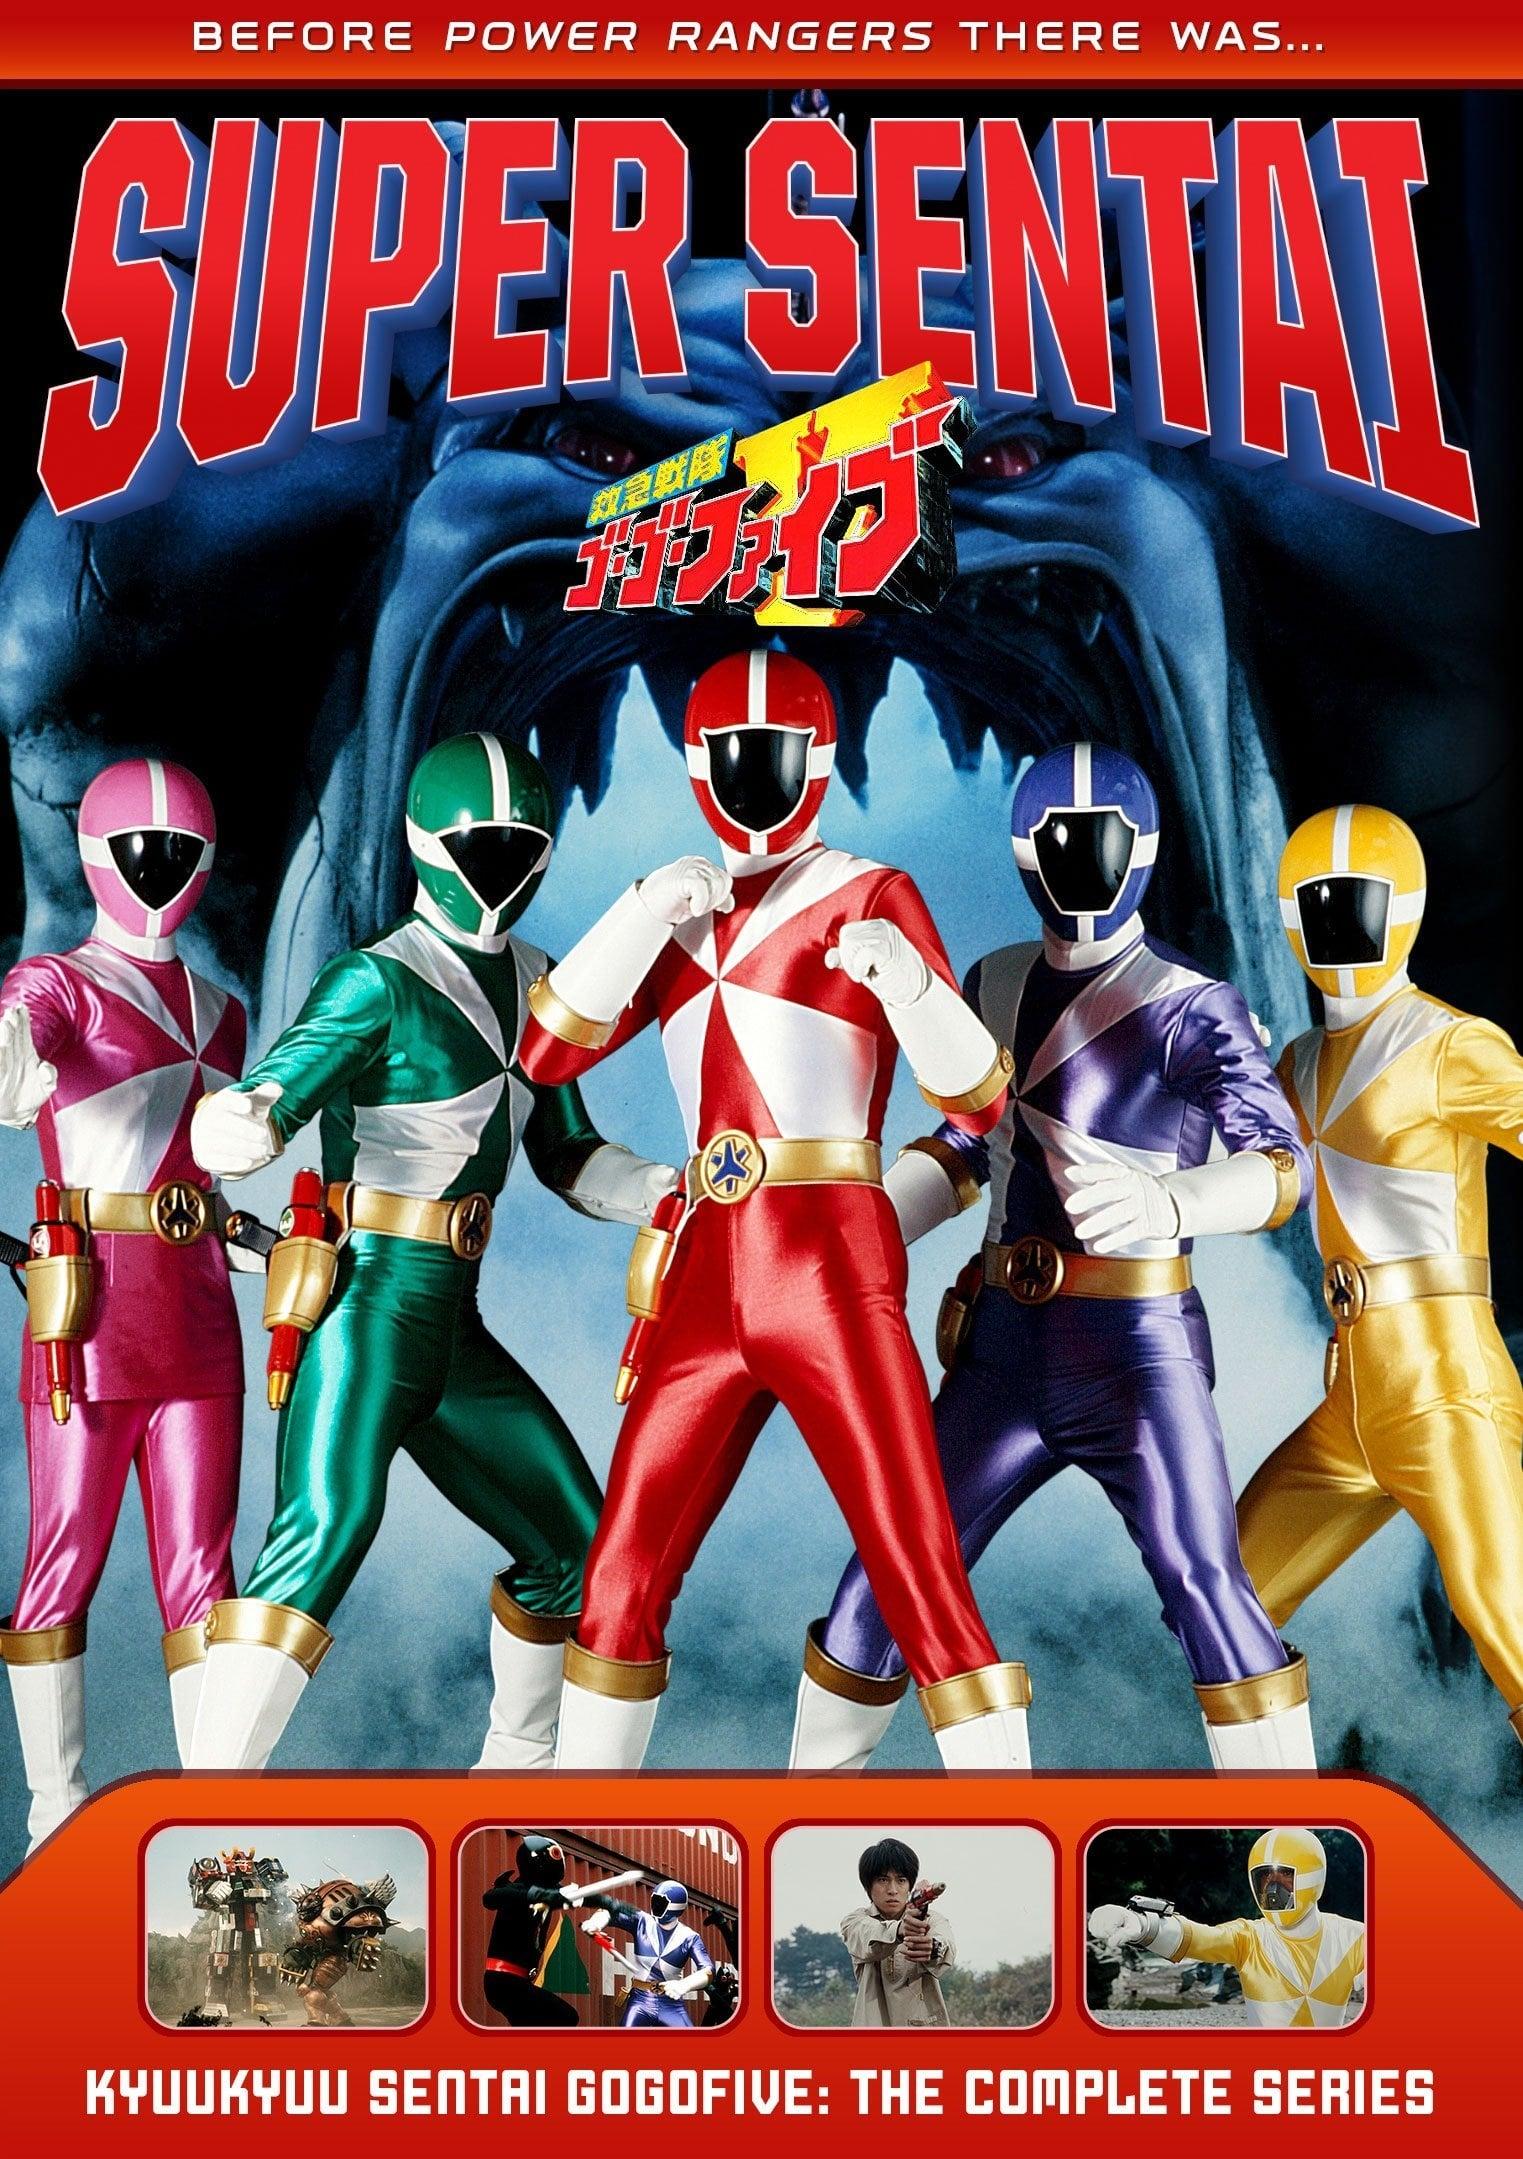 Super Sentai Season 23